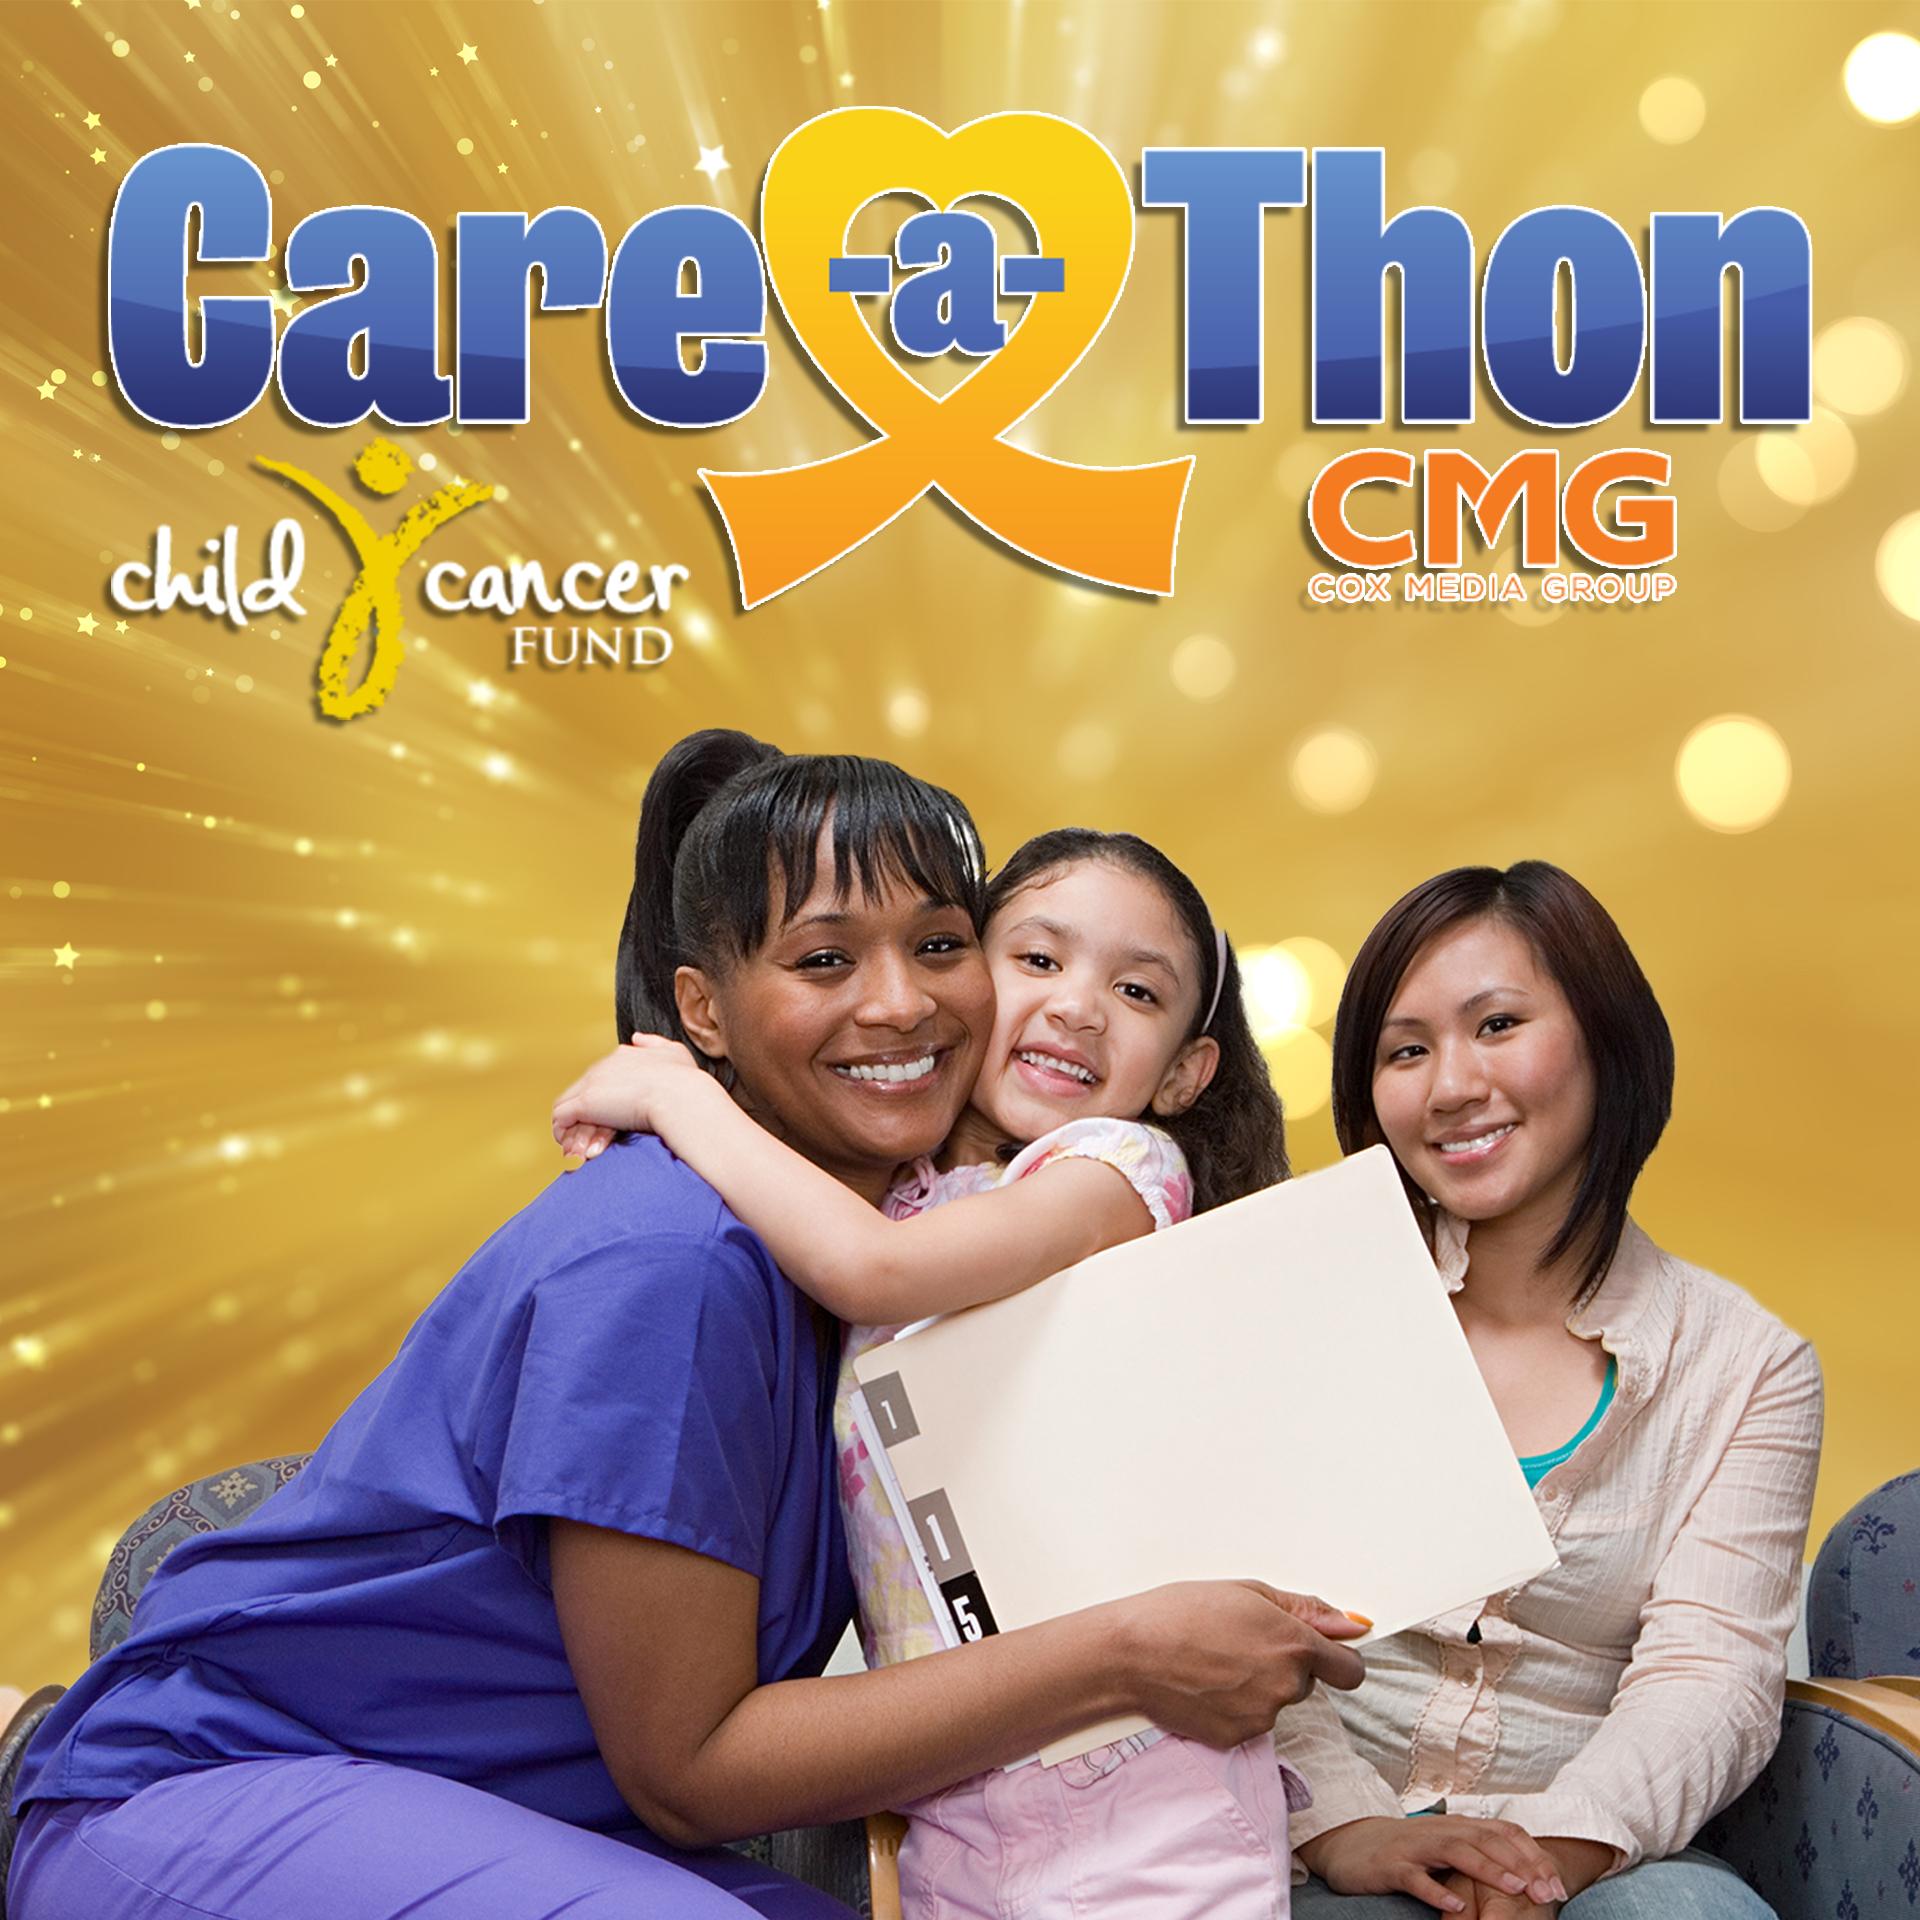 Care-A-Thon